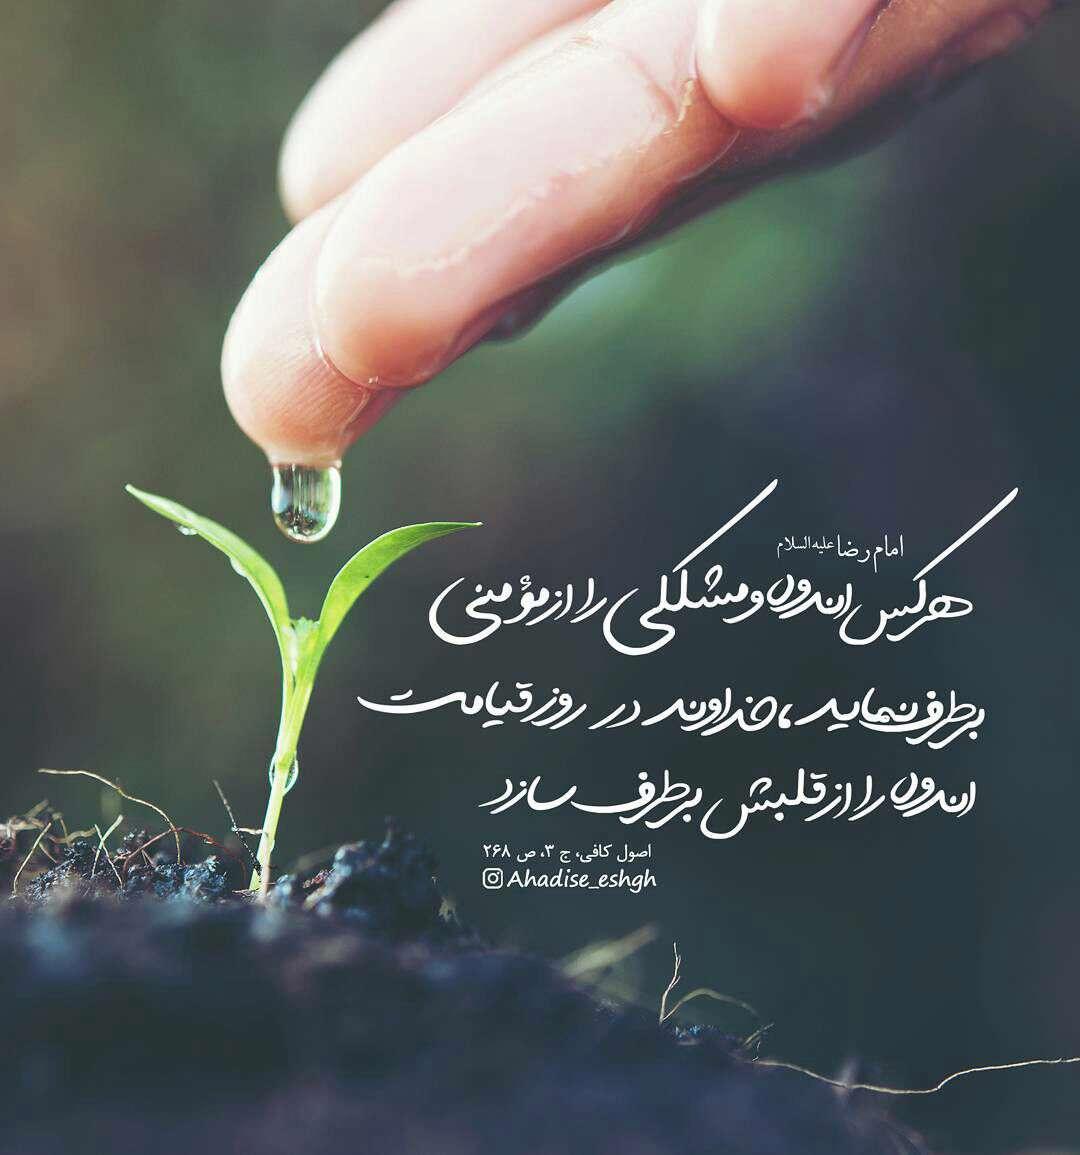 حدیثی از امام رضا در مورد اندوه و مشکل